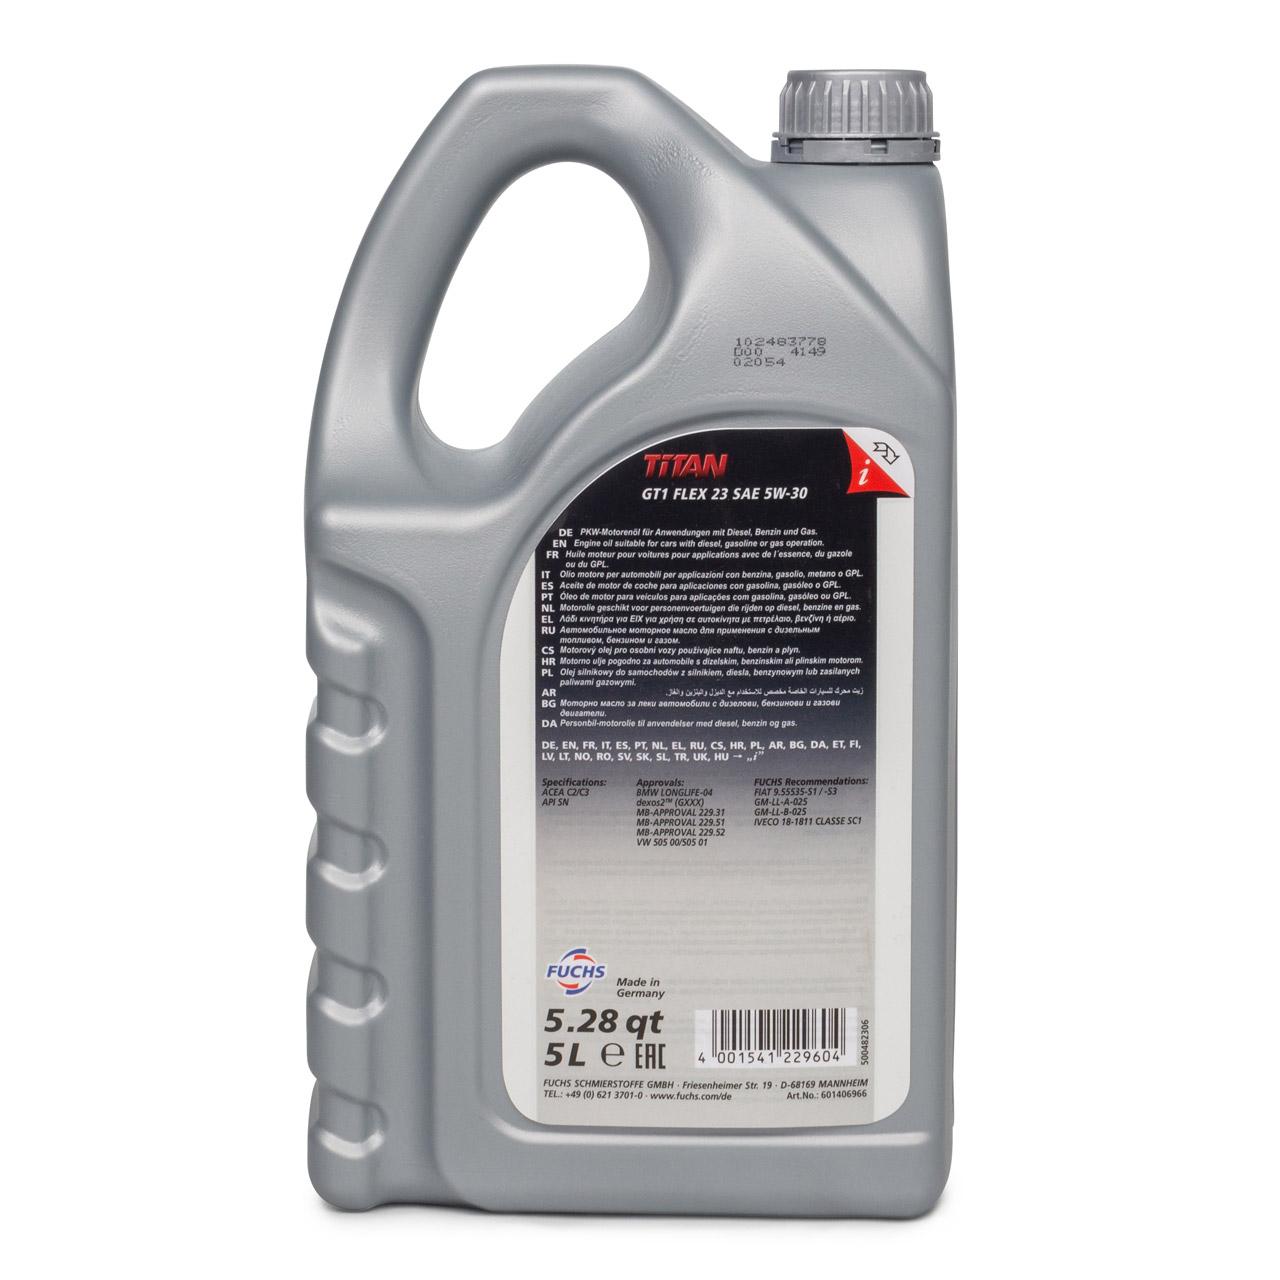 FUCHS Motoröl TITAN GT1 Flex 23 5W30 5W-30 dexos2 LL-04 505.00/505.01 5L 5 Liter